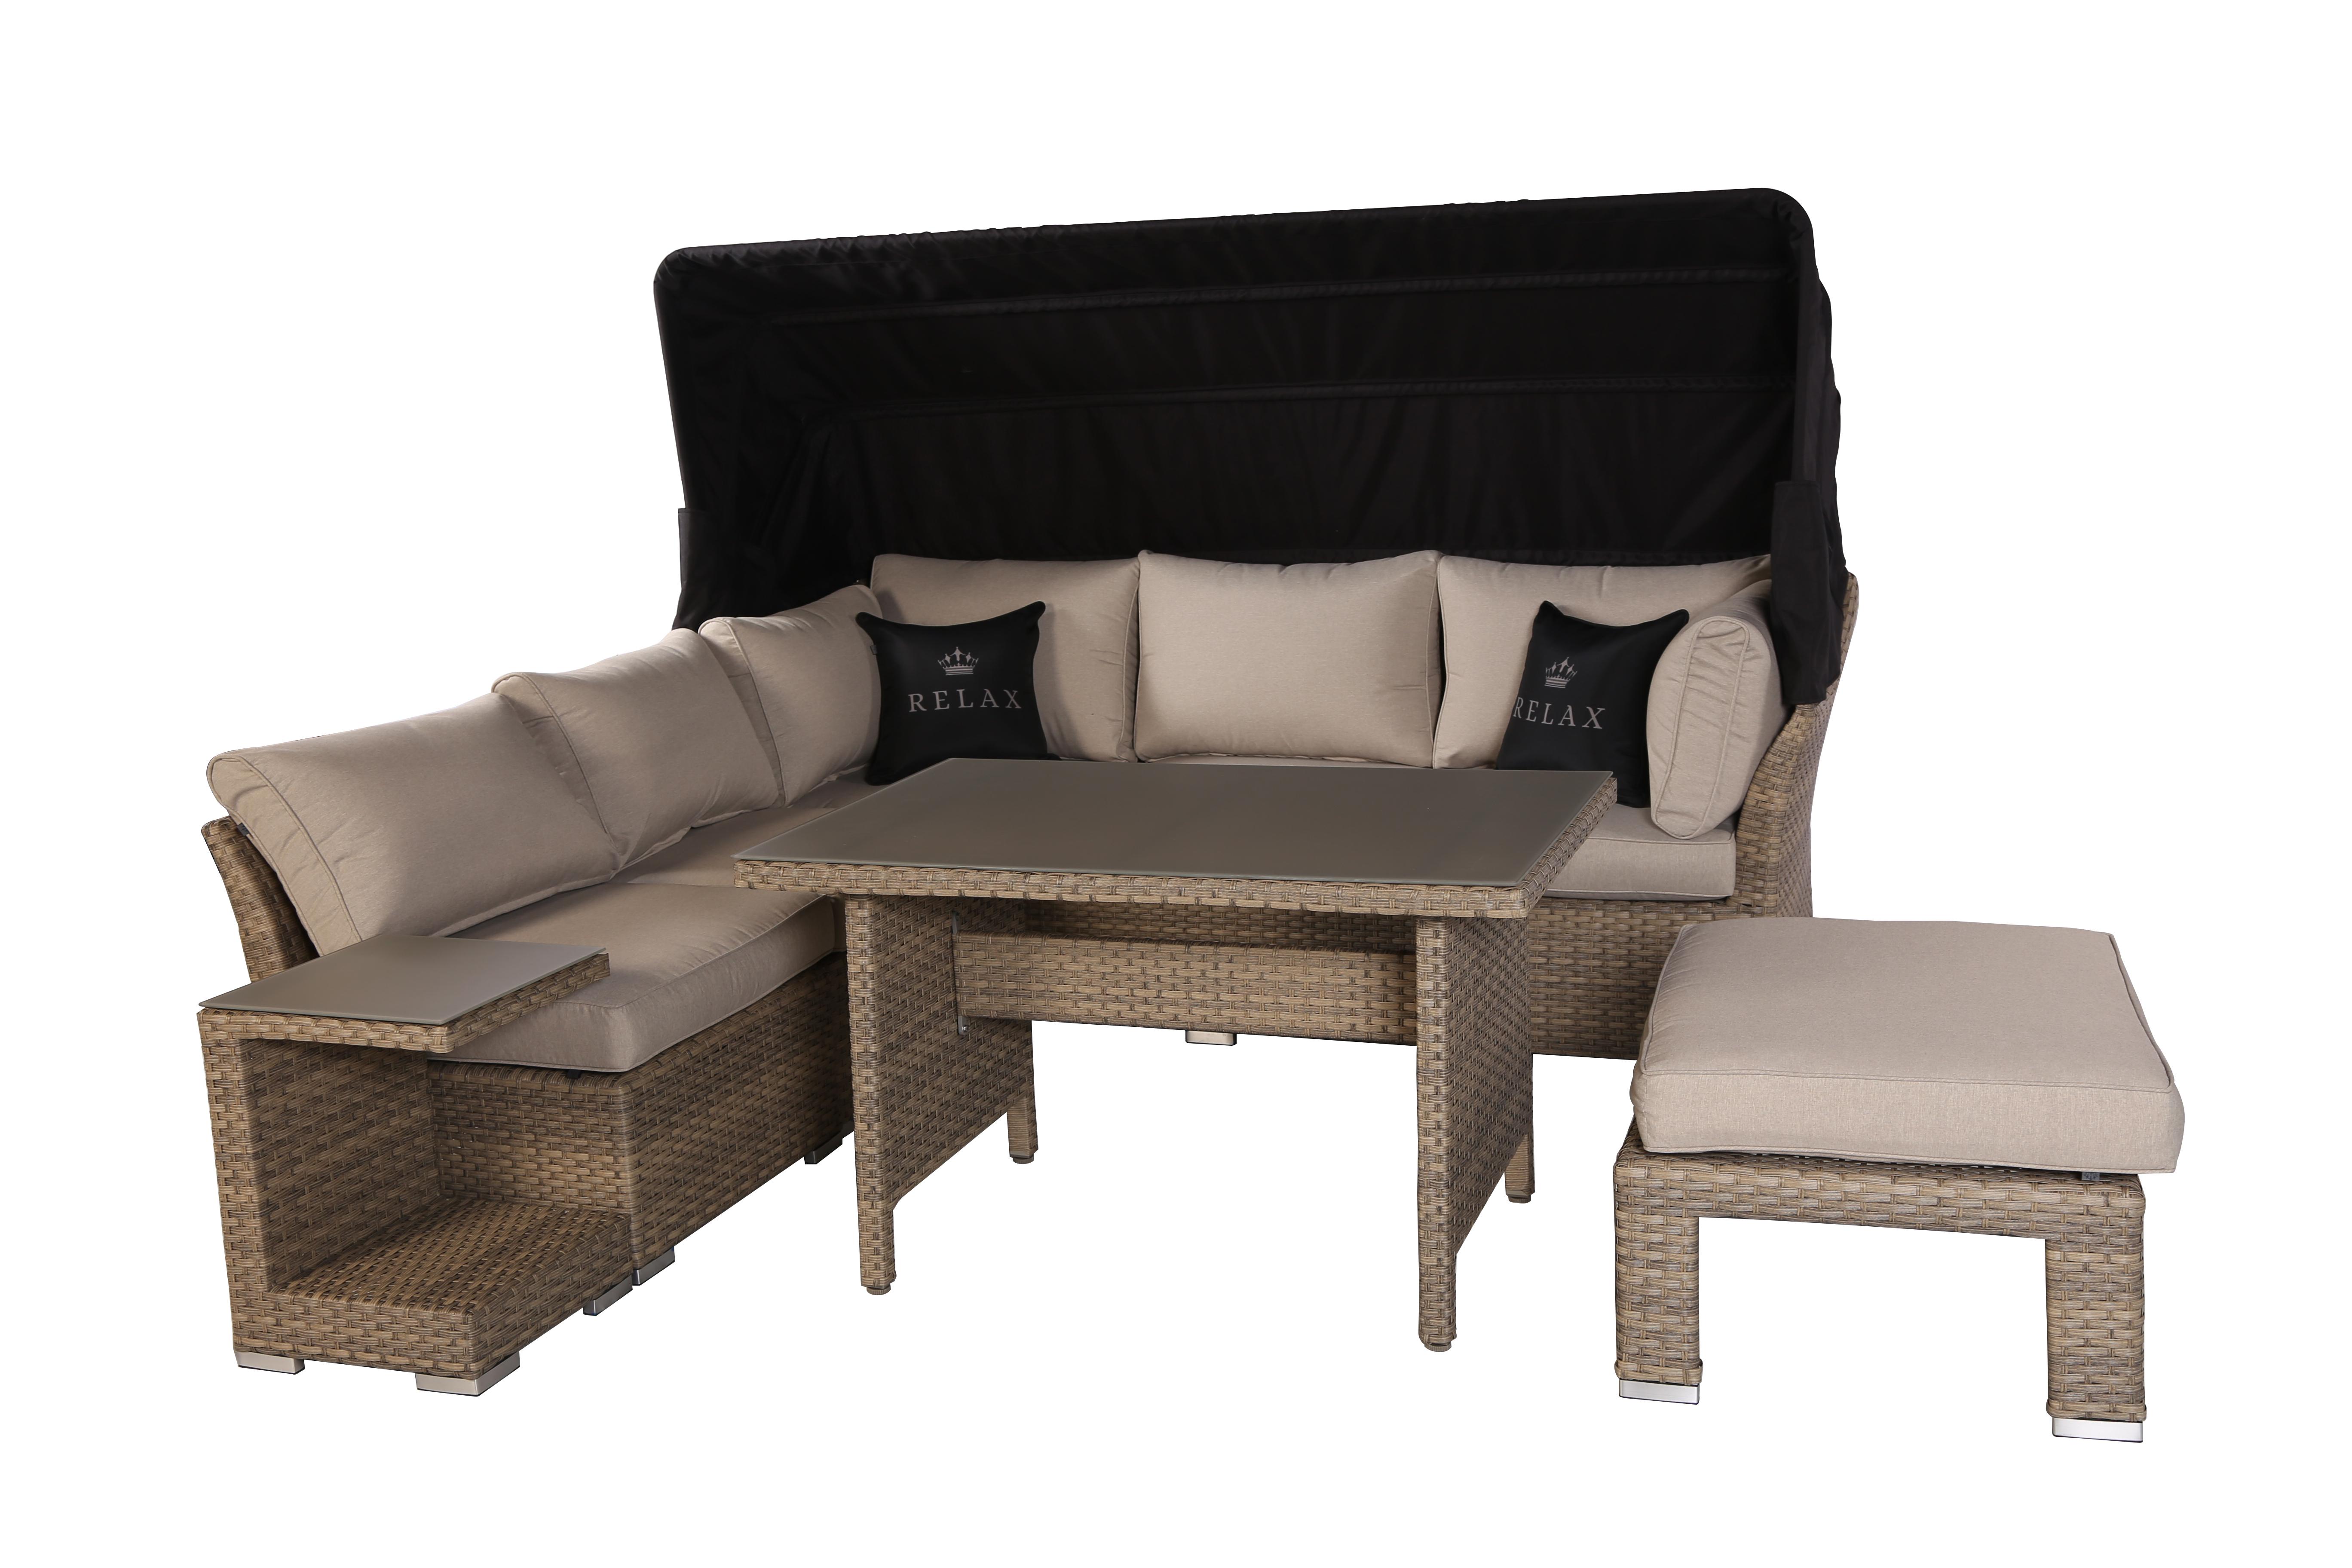 Relax ecklounge polyrattan garten lounge set mit dach sand for Lounge mobel garten